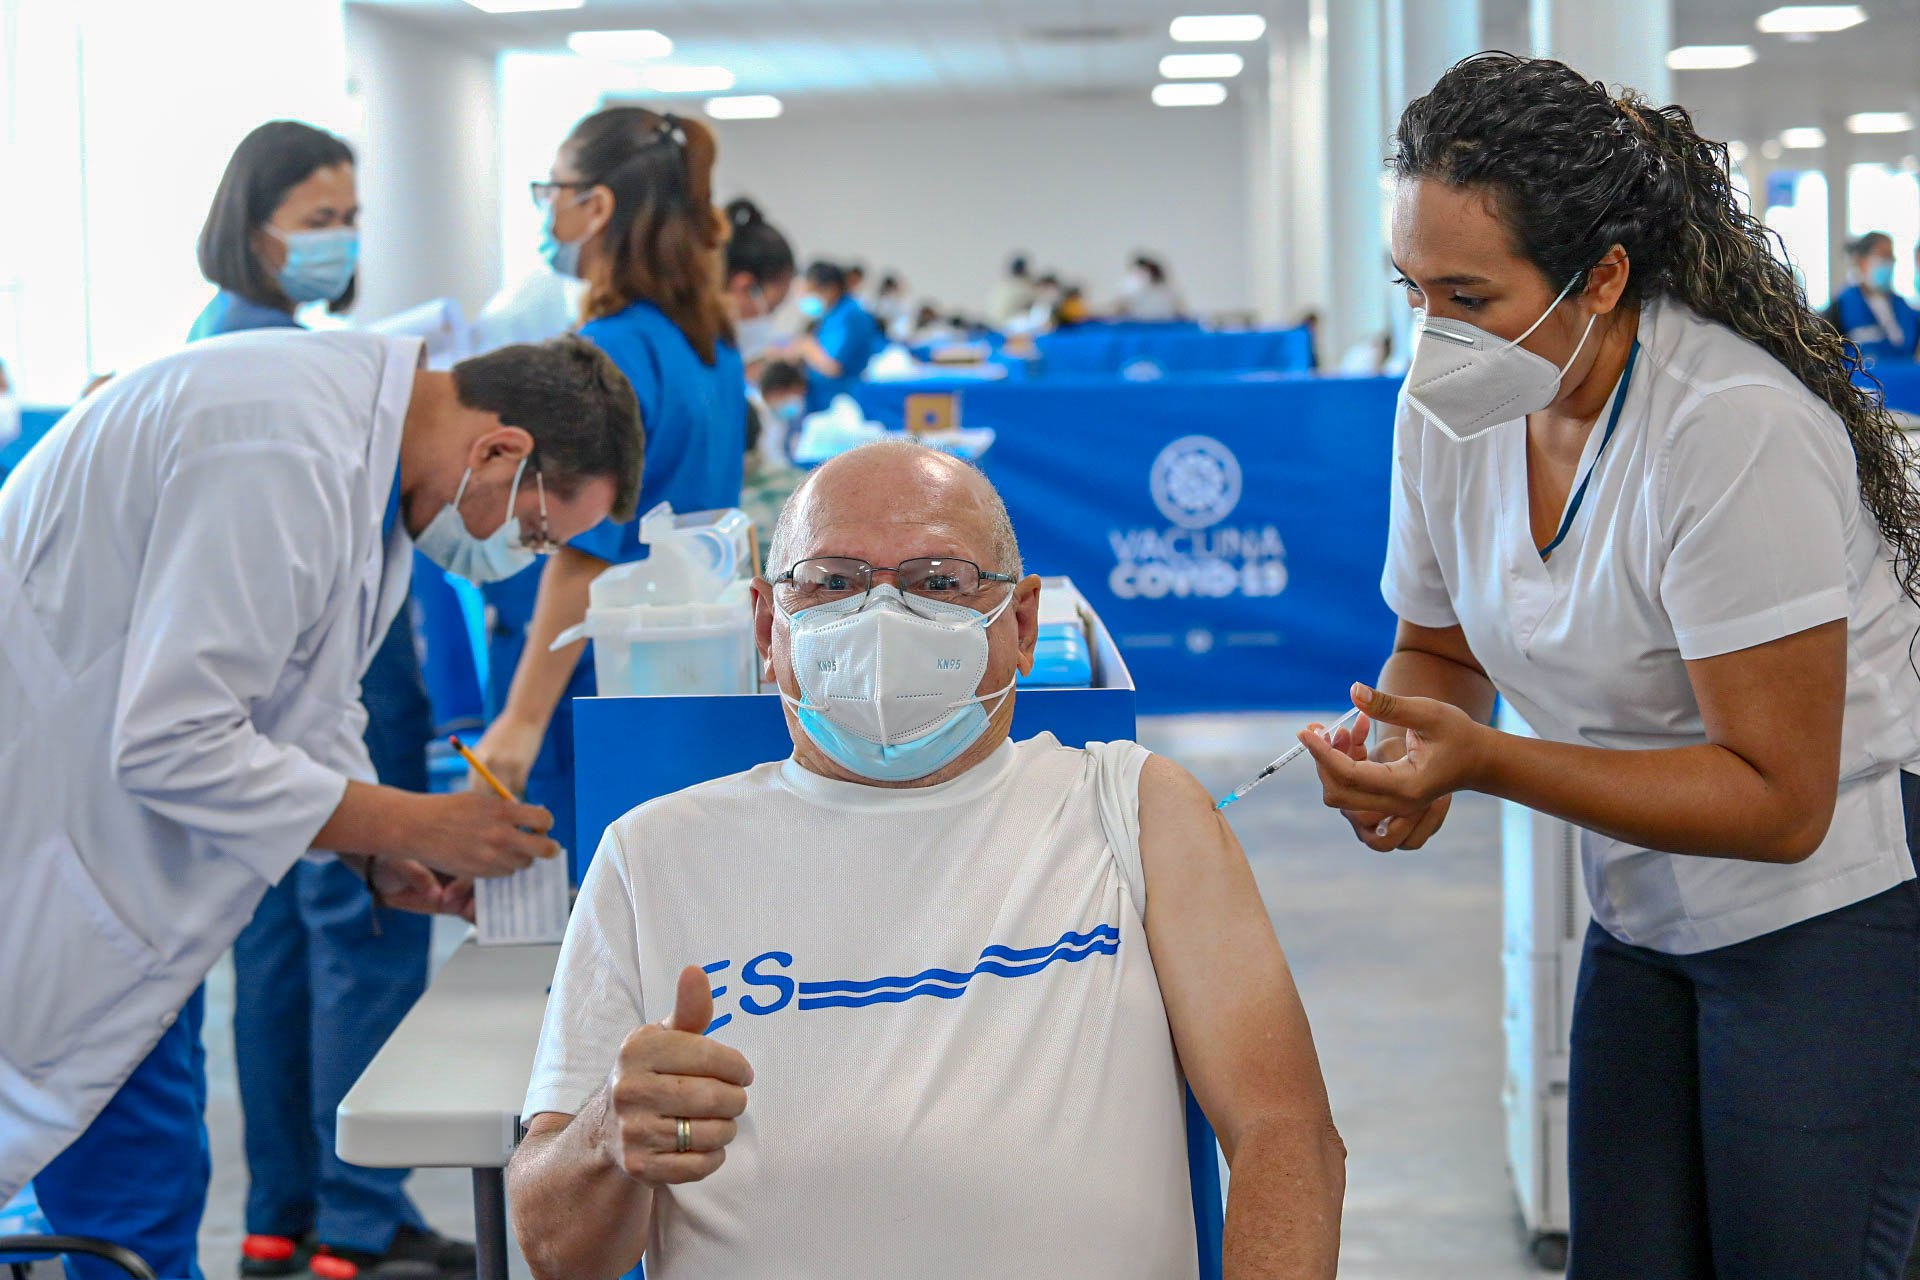 Salvadoreños reconocen el esfuerzo del Gobierno por hacer de la vacunación  contra el COVID-19 un proceso universal, gratuito y eficiente - Presidencia  de la República de El Salvador